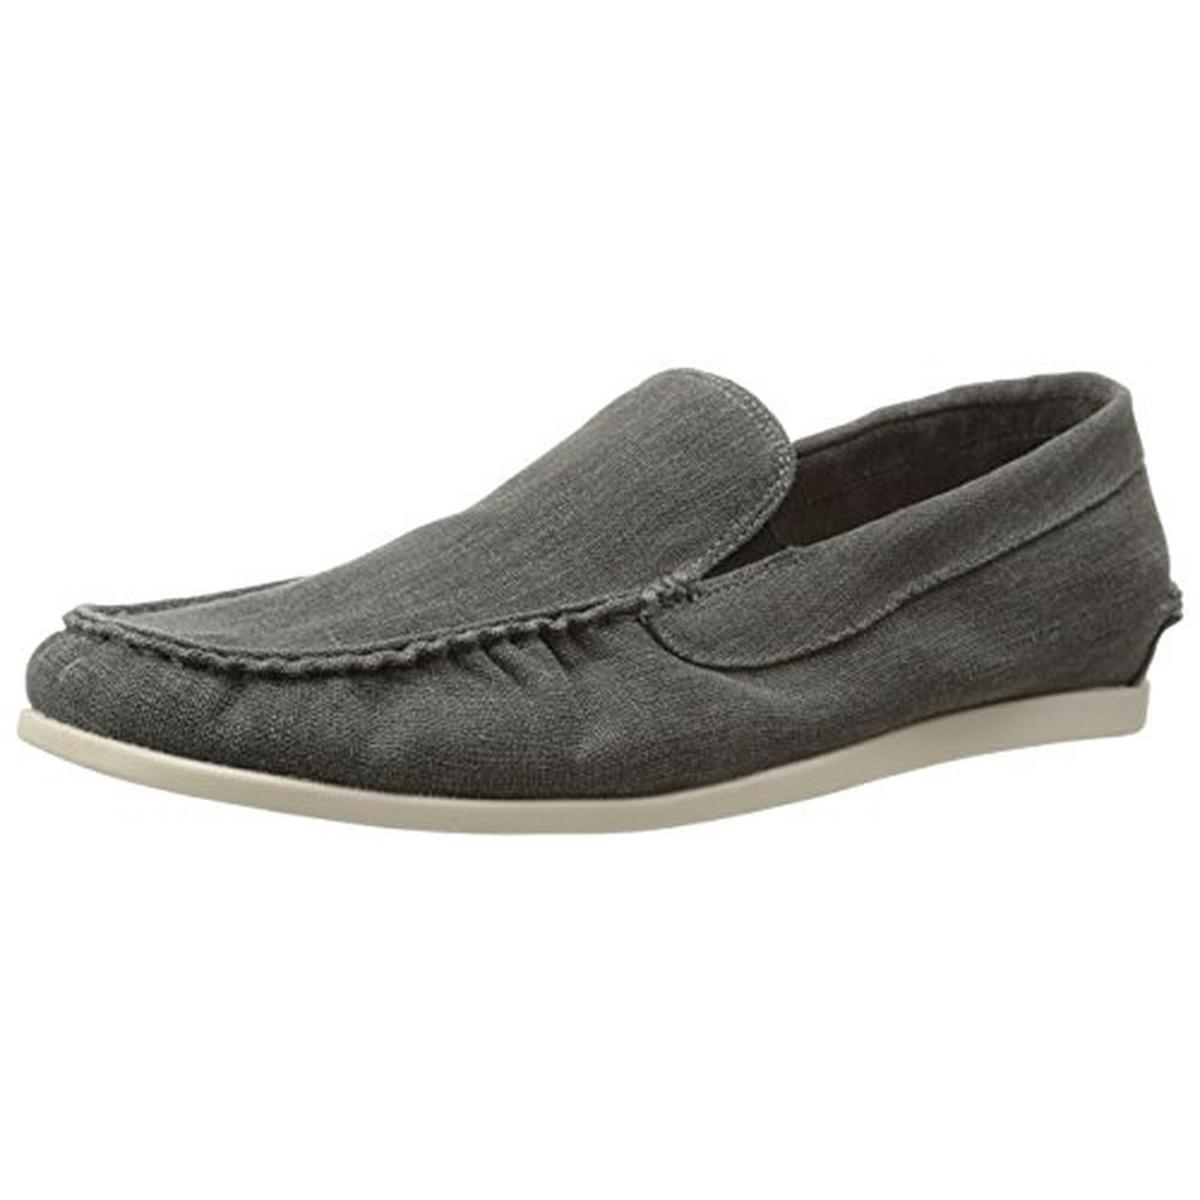 Steve Madden Mens Boat Shoes